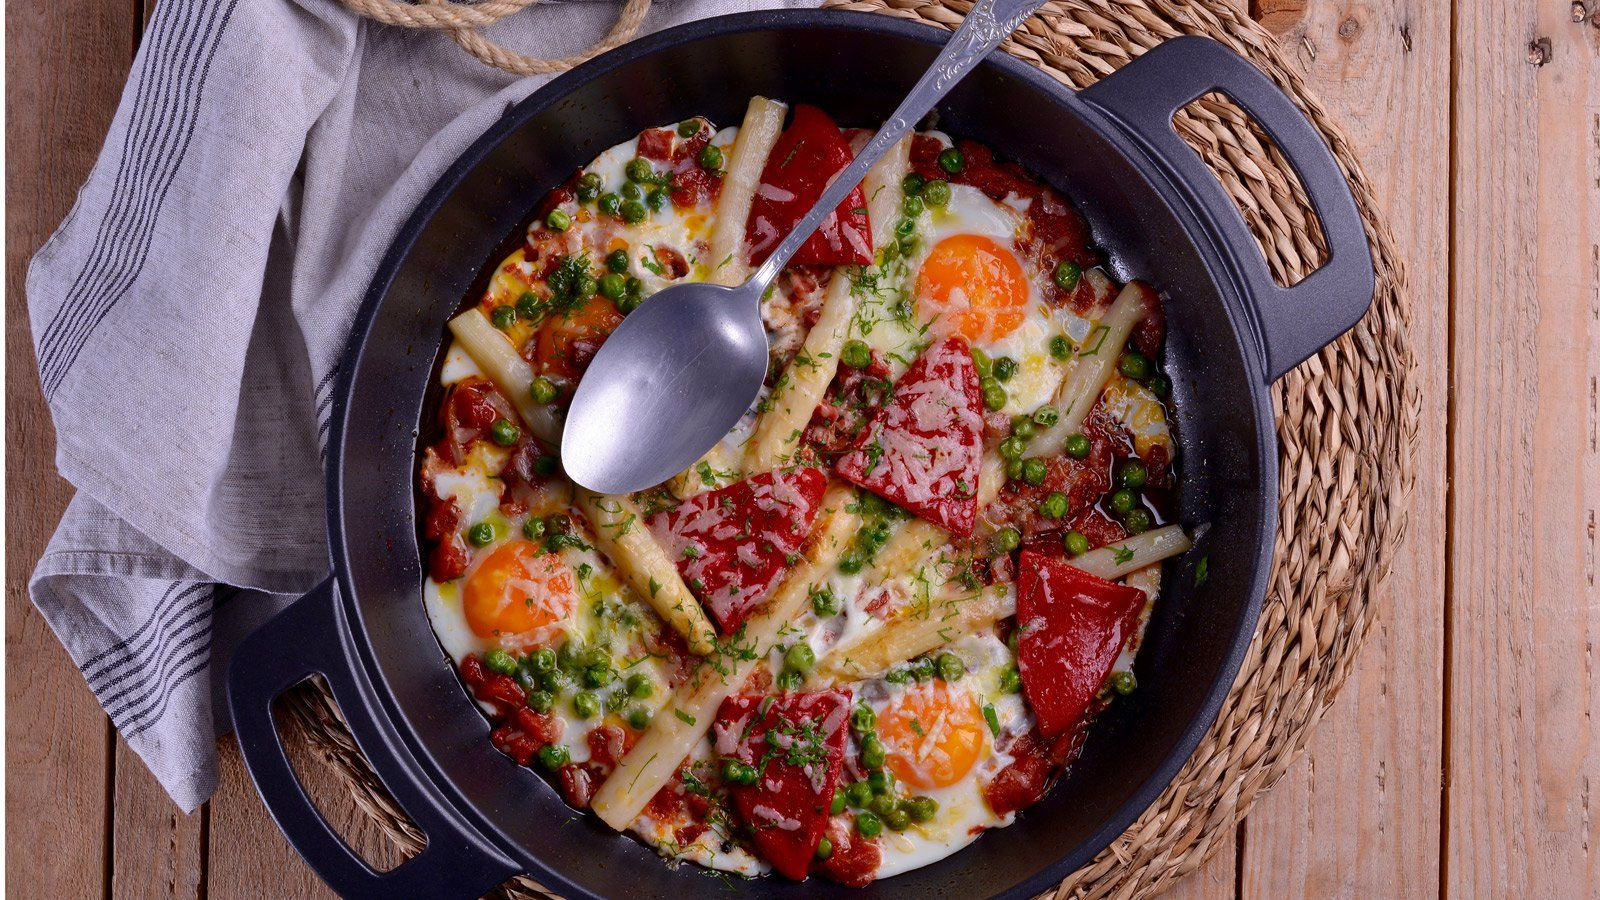 Receta Tradicional De Huevos A La Flamenca Con Picadillo De Chorizo Espárragos Guisantes Y Pimientos Del Piquillo Del Sabor De Hogar Comida Recetas De Comida